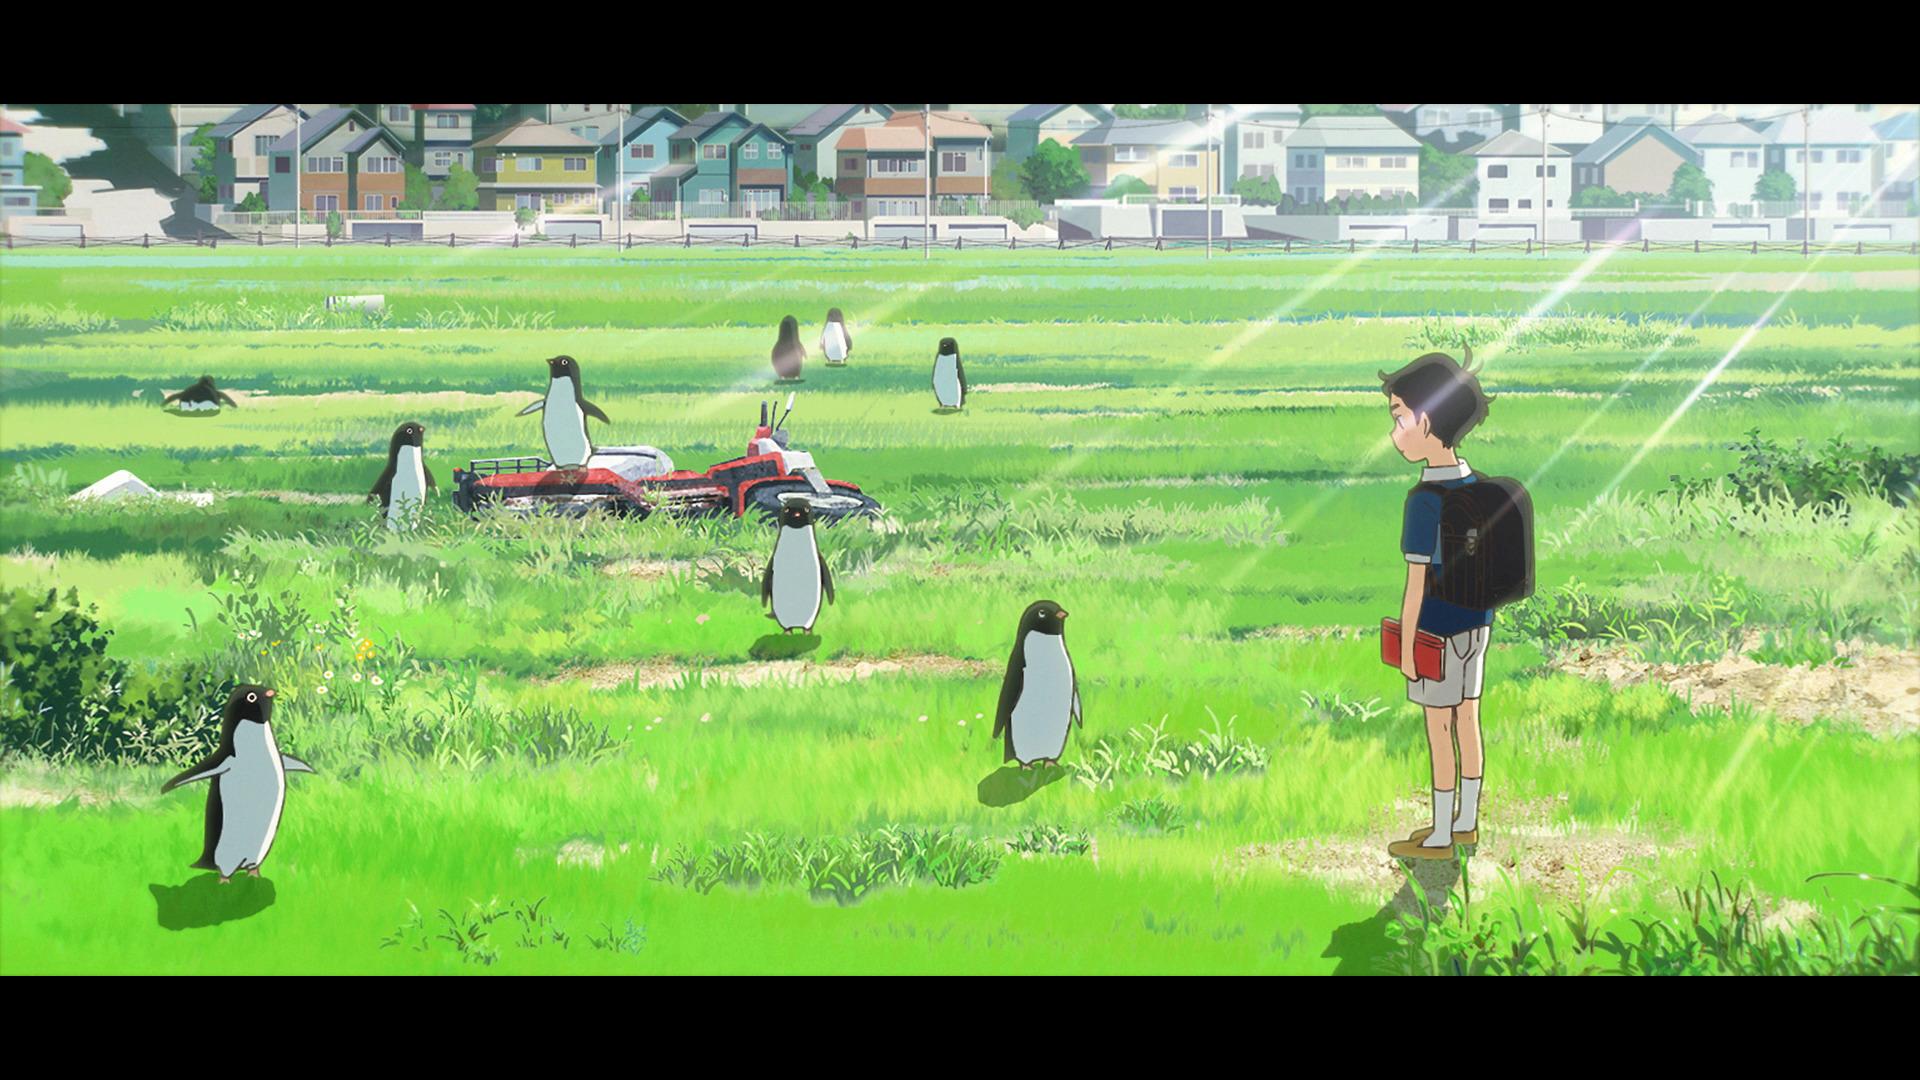 電影《企鵝公路》畫面和場景 0614_p12